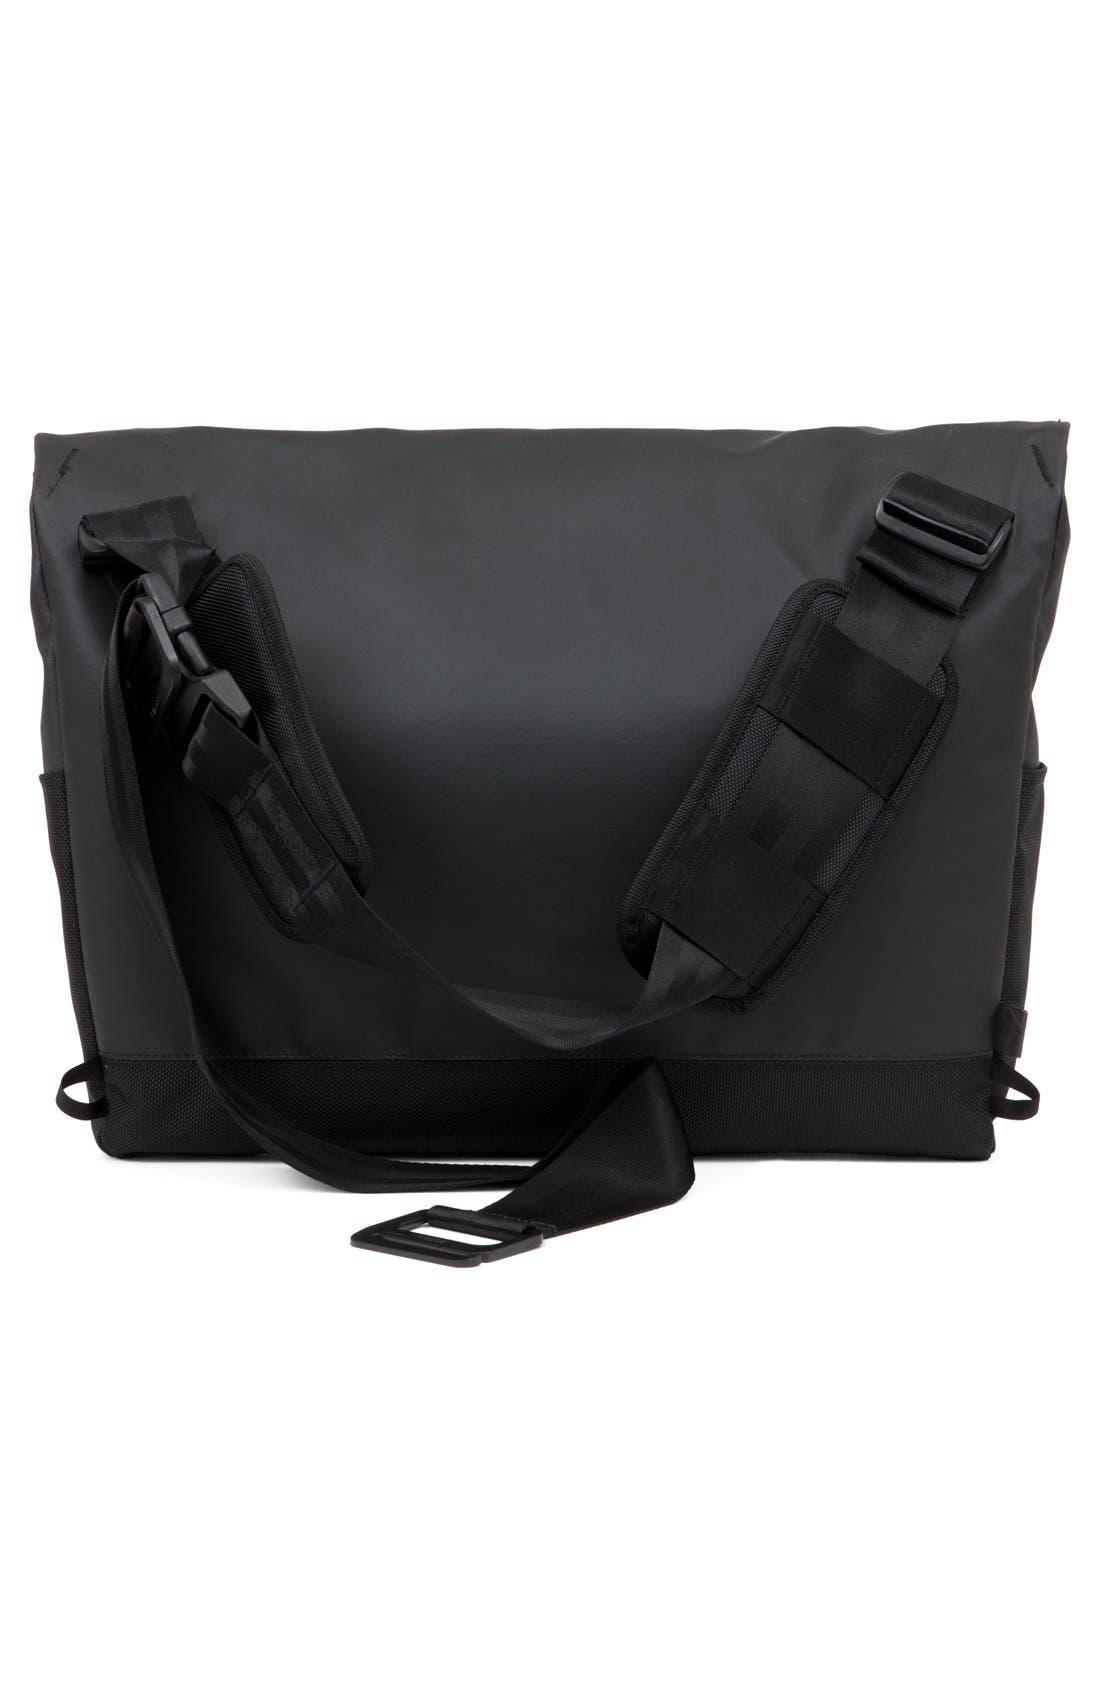 'Range' Messenger Bag,                             Alternate thumbnail 3, color,                             001